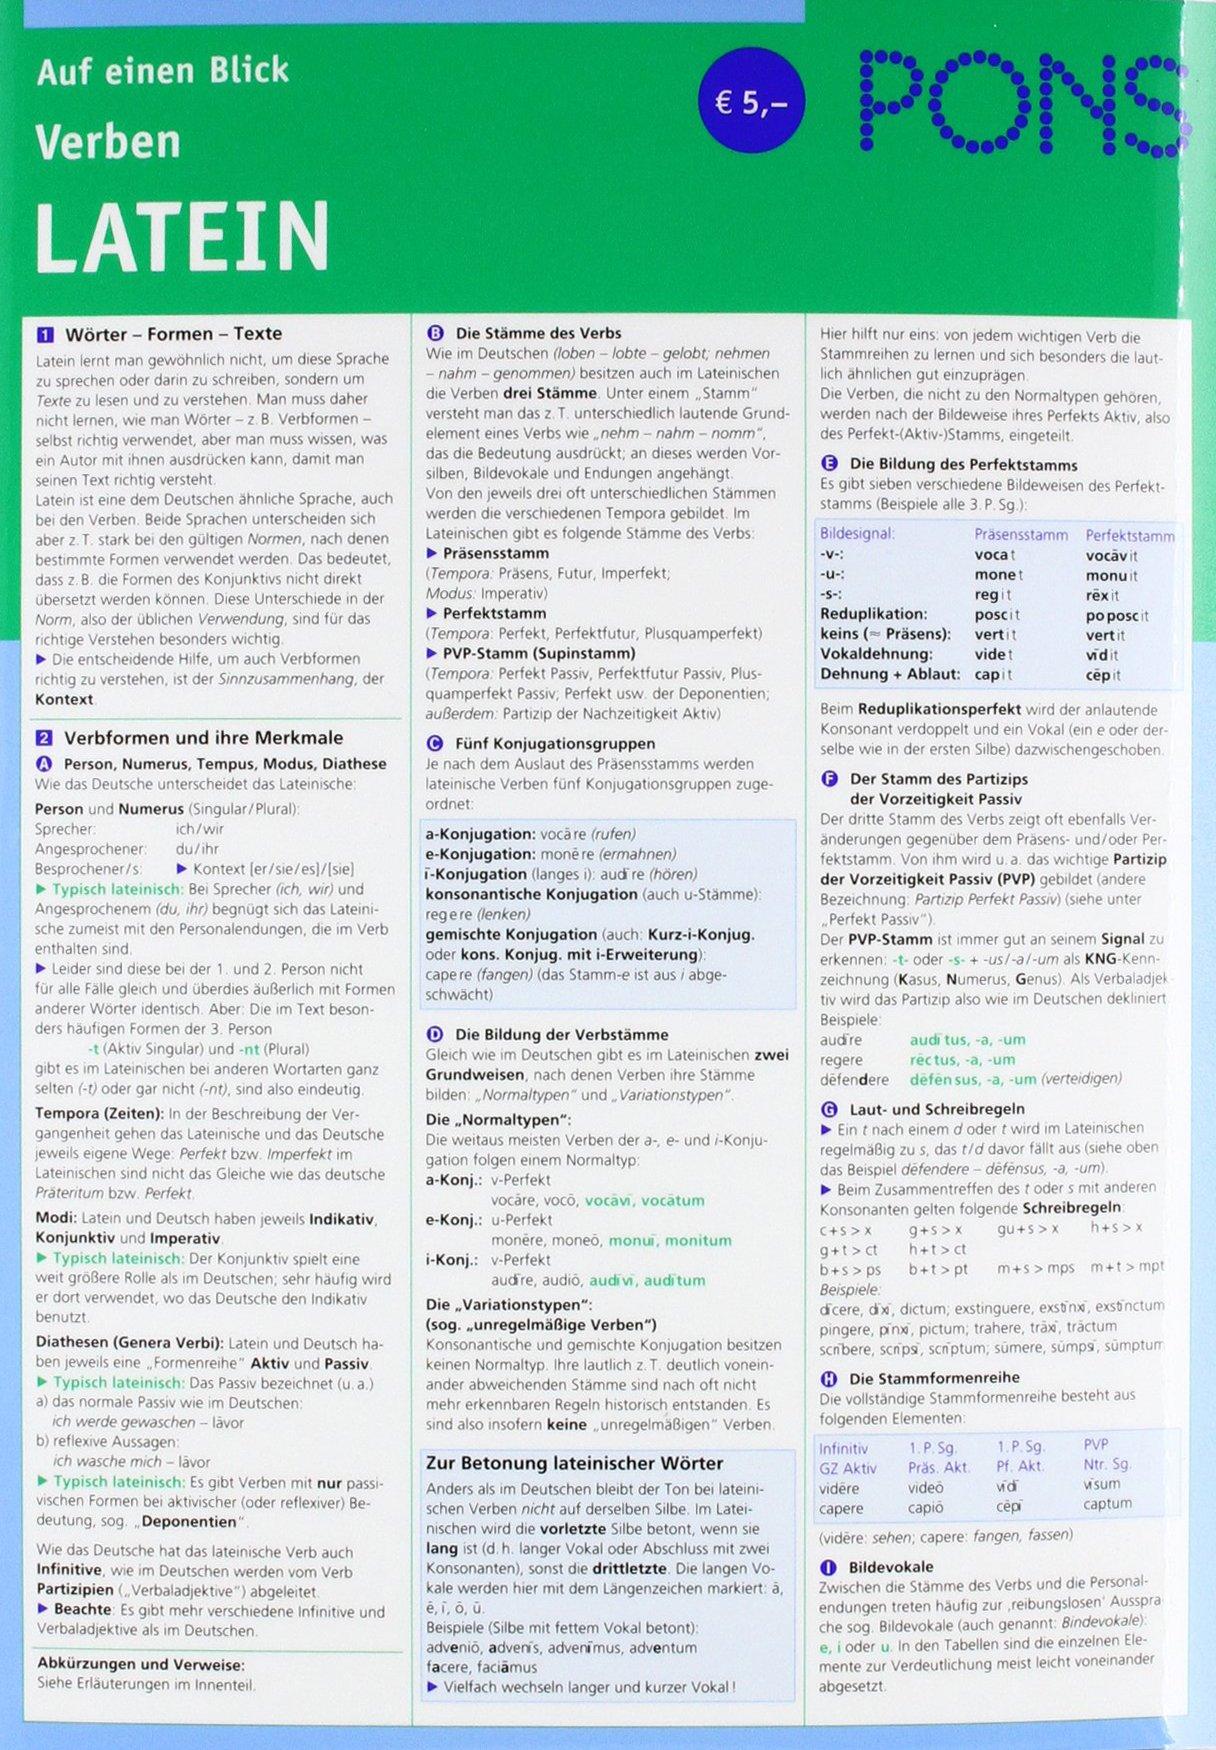 PONS Verben auf einen Blick Latein: kompakte Übersicht, Verbformen und Konjugationen nachschlagen (PONS Auf einen Blick) Taschenbuch – 1. April 2003 Helmut Schareika PONS GmbH 3125606624 Fremdsprachige Wörterbücher